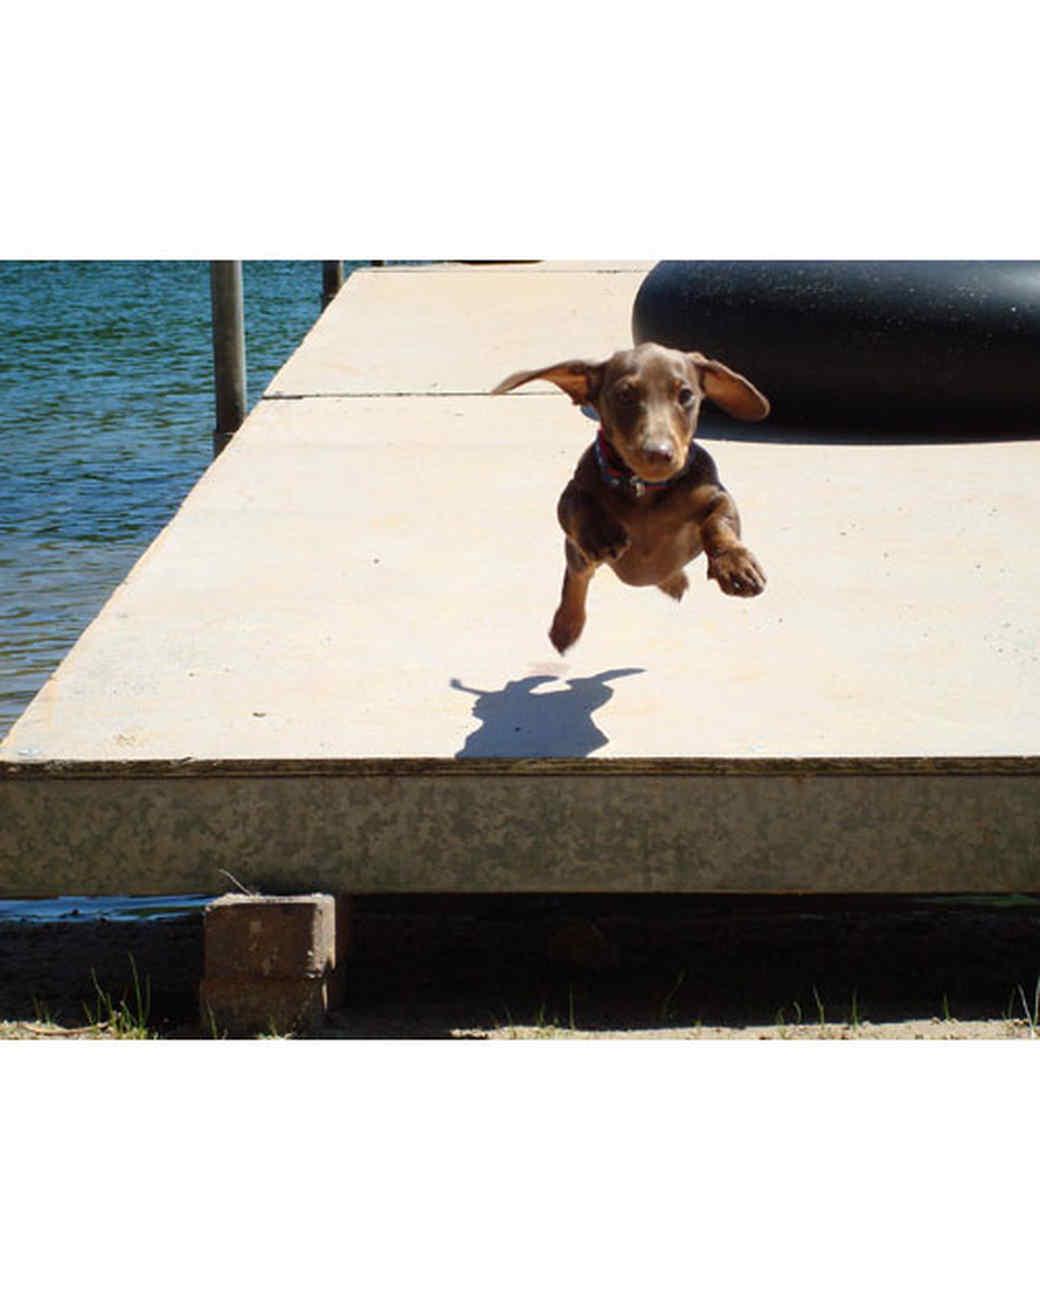 pets-at-play-0311-13128326_30893268.jpg